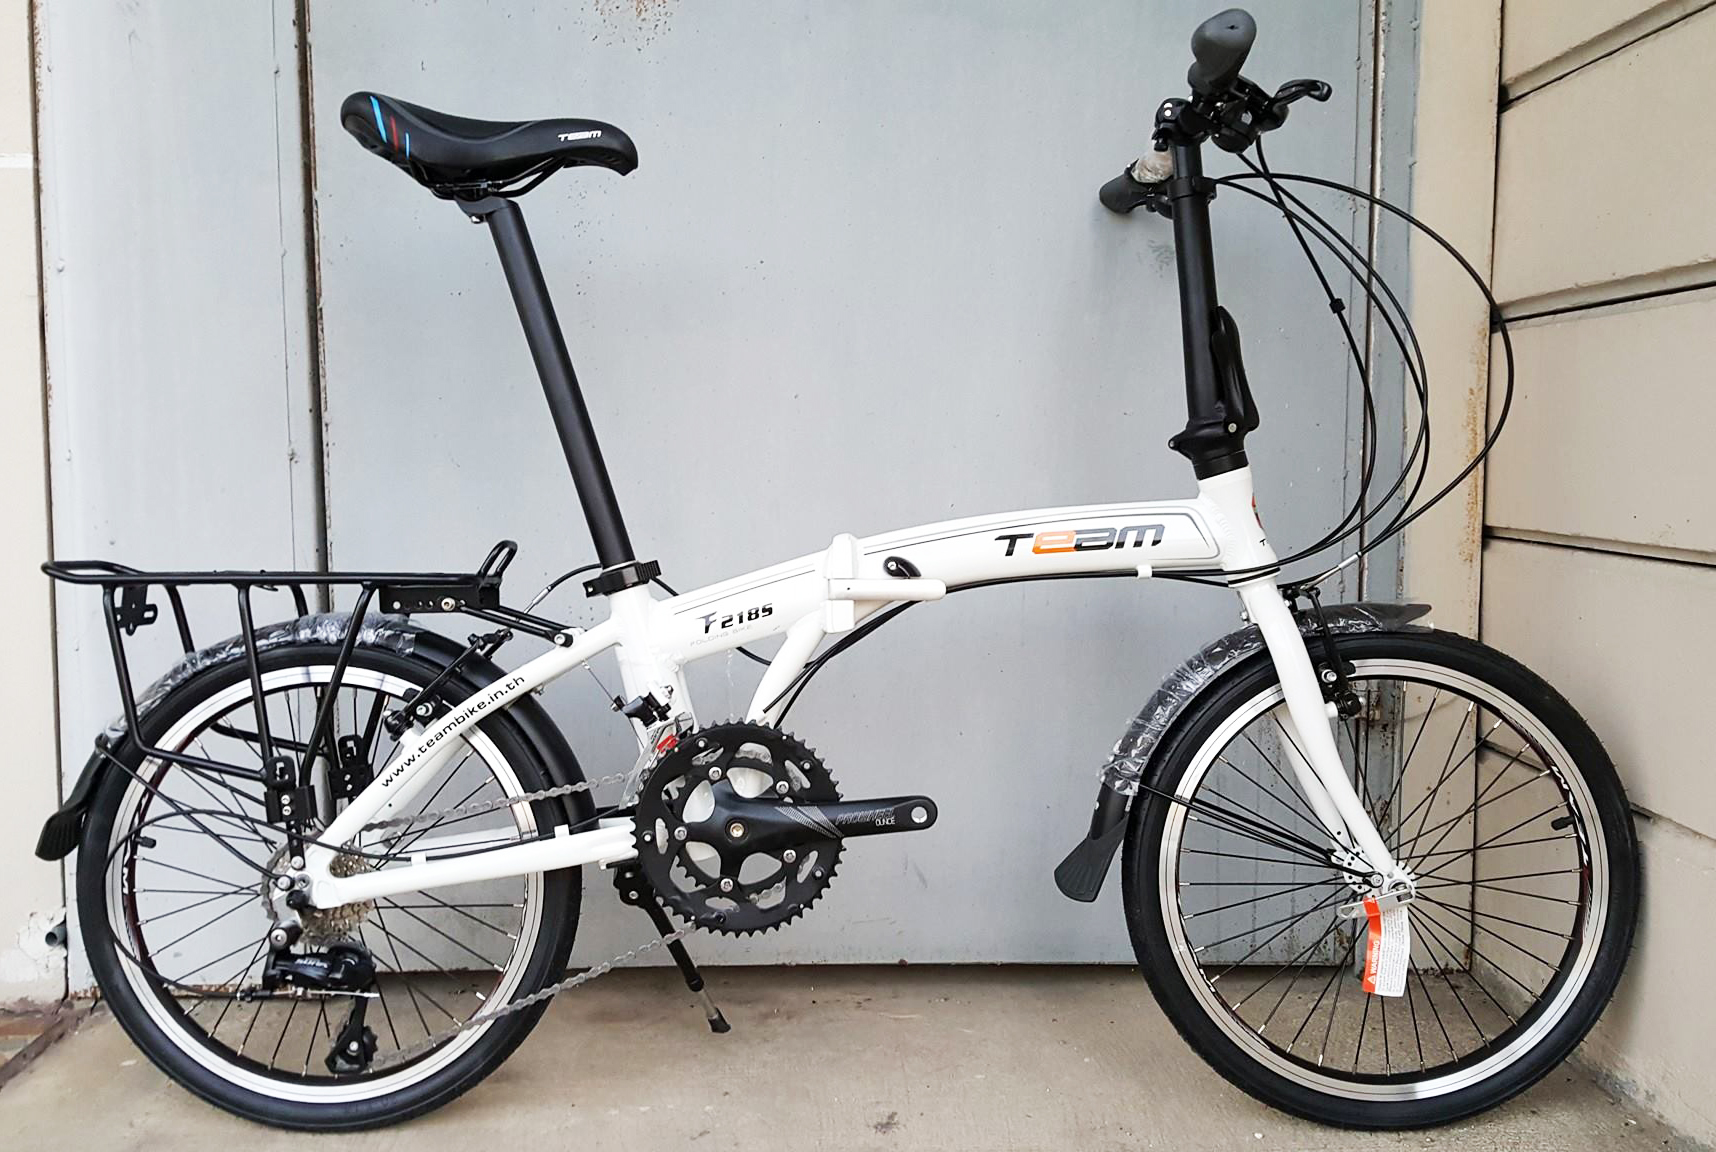 จักรยานพับเฟรมอลูมิเนียม สุดยอดด้วยดุม Novatec เกียร์ Sora 18 Speed ยี่ห้อ Team รุ่น F2185 ตะเกียบโครโมลี